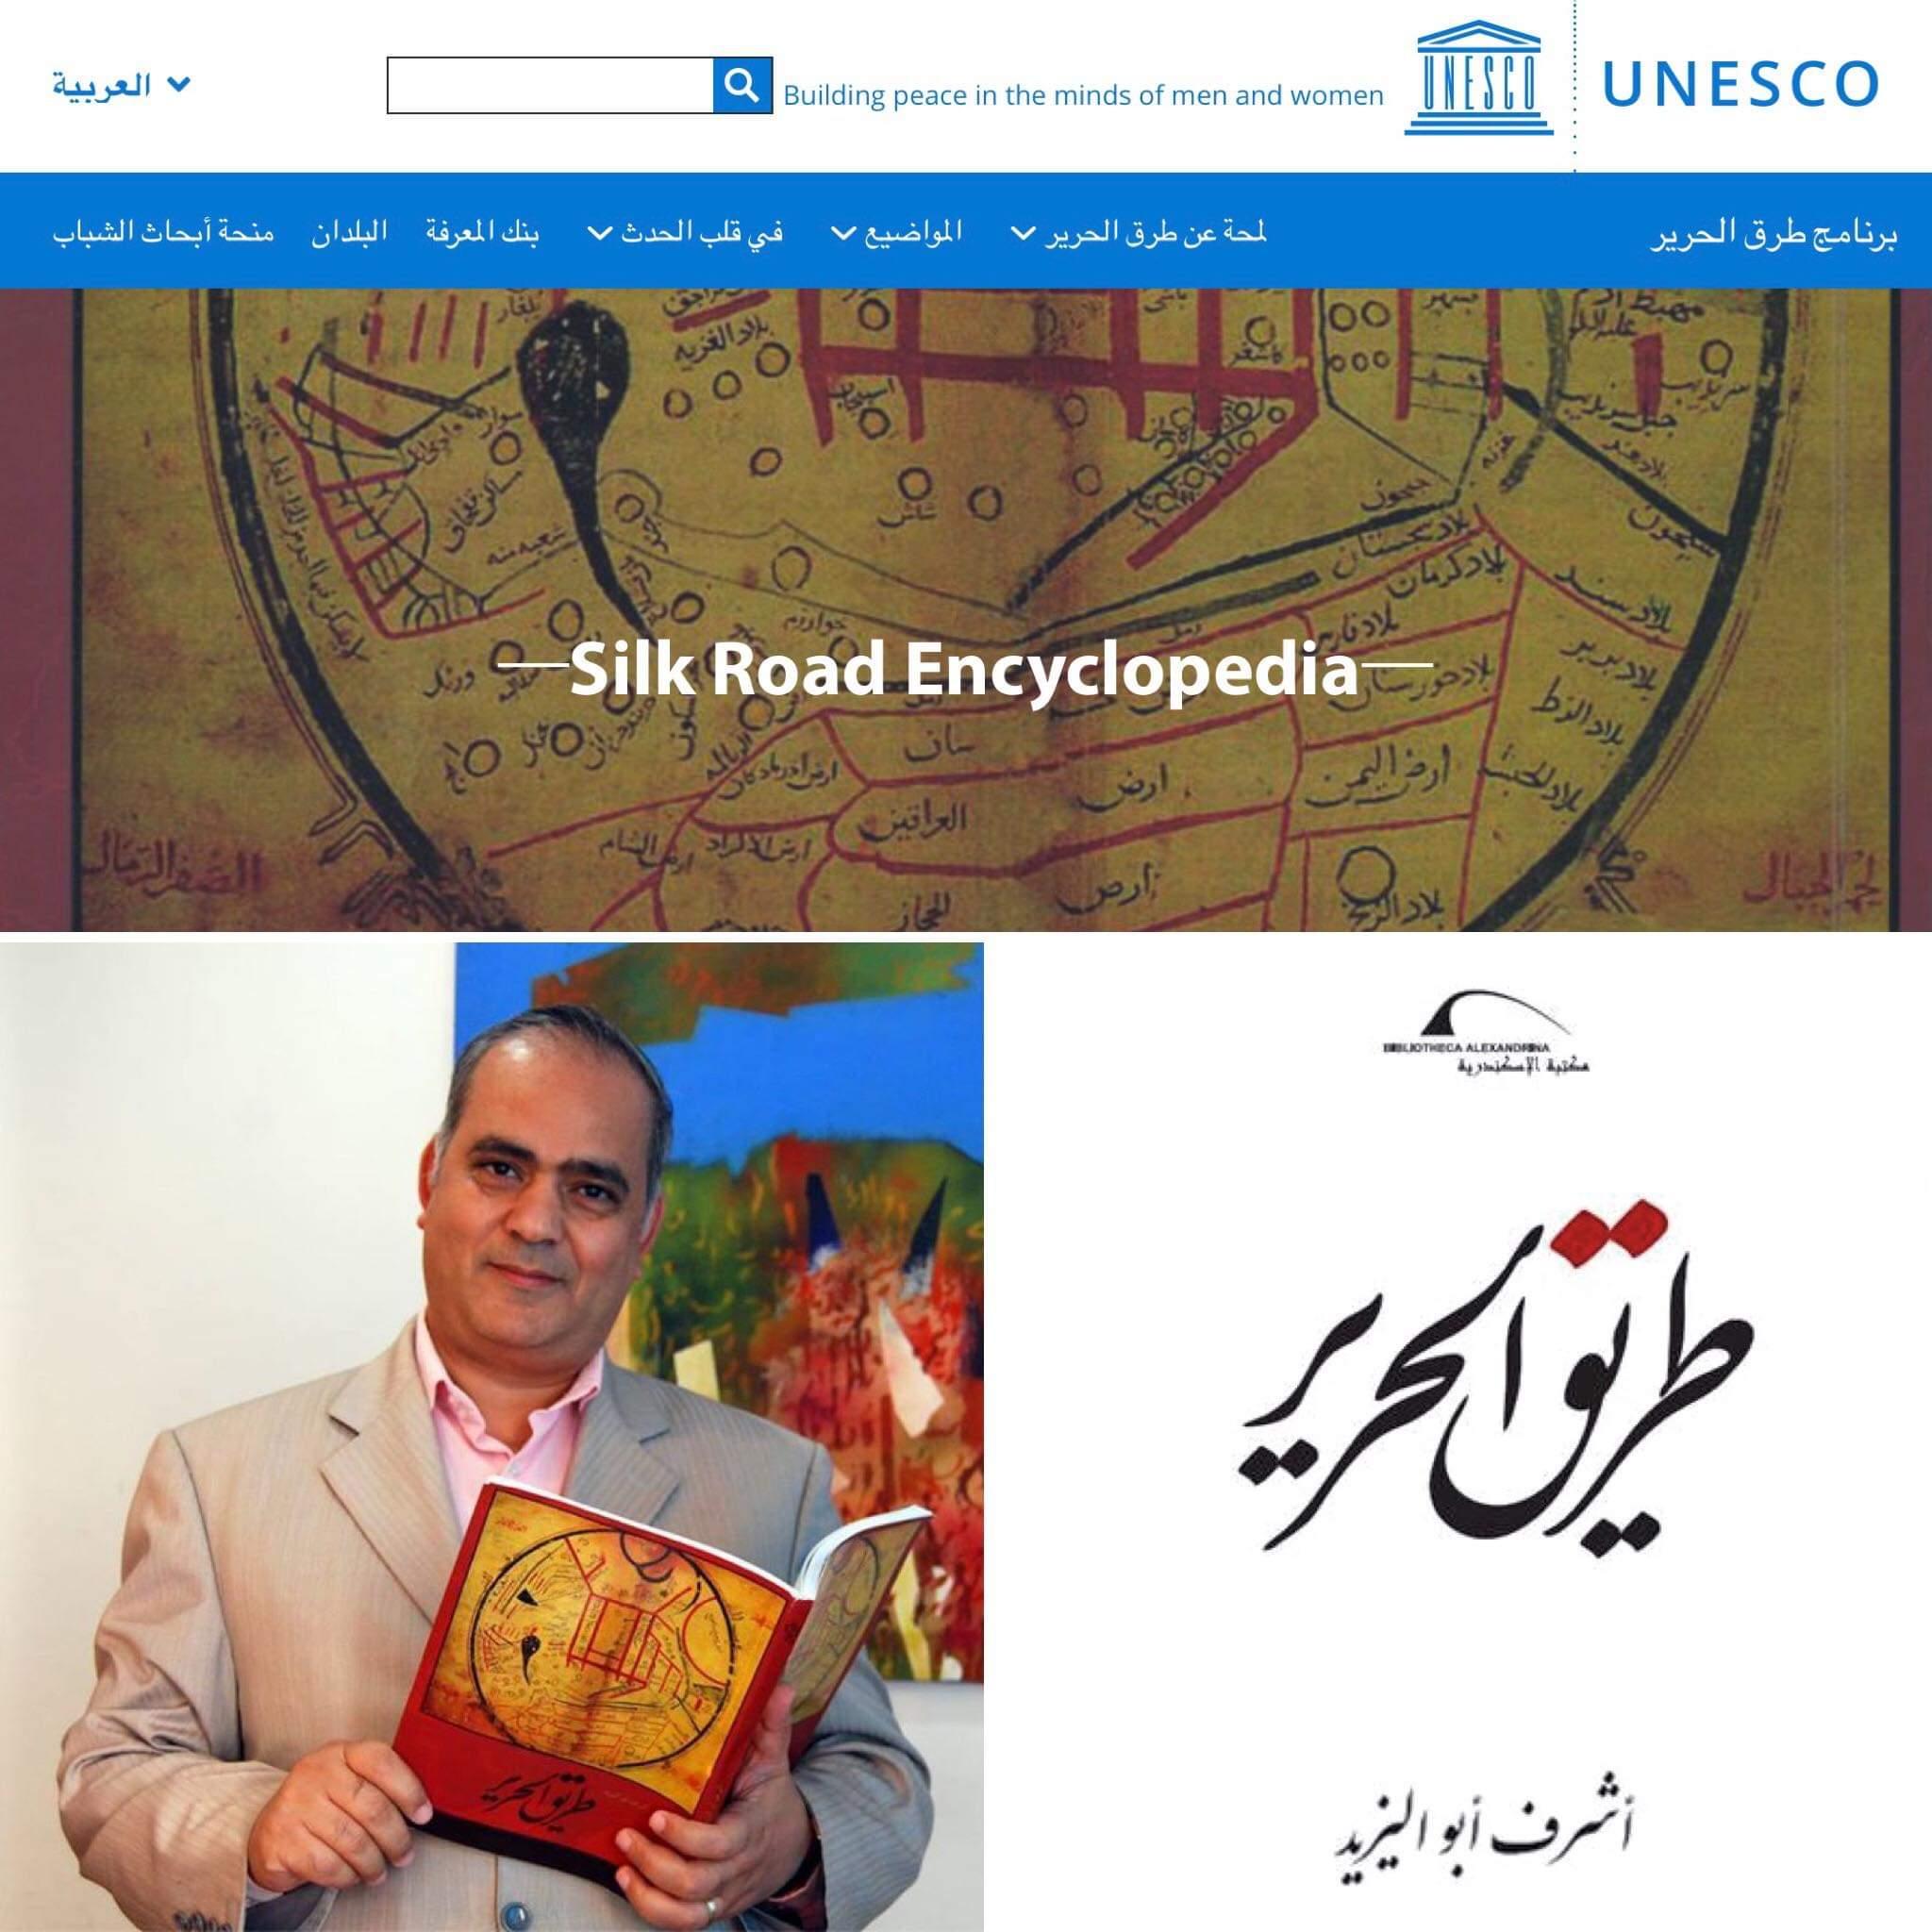 Silk Road Encyclopedia - UNESCO - Sindh Courier